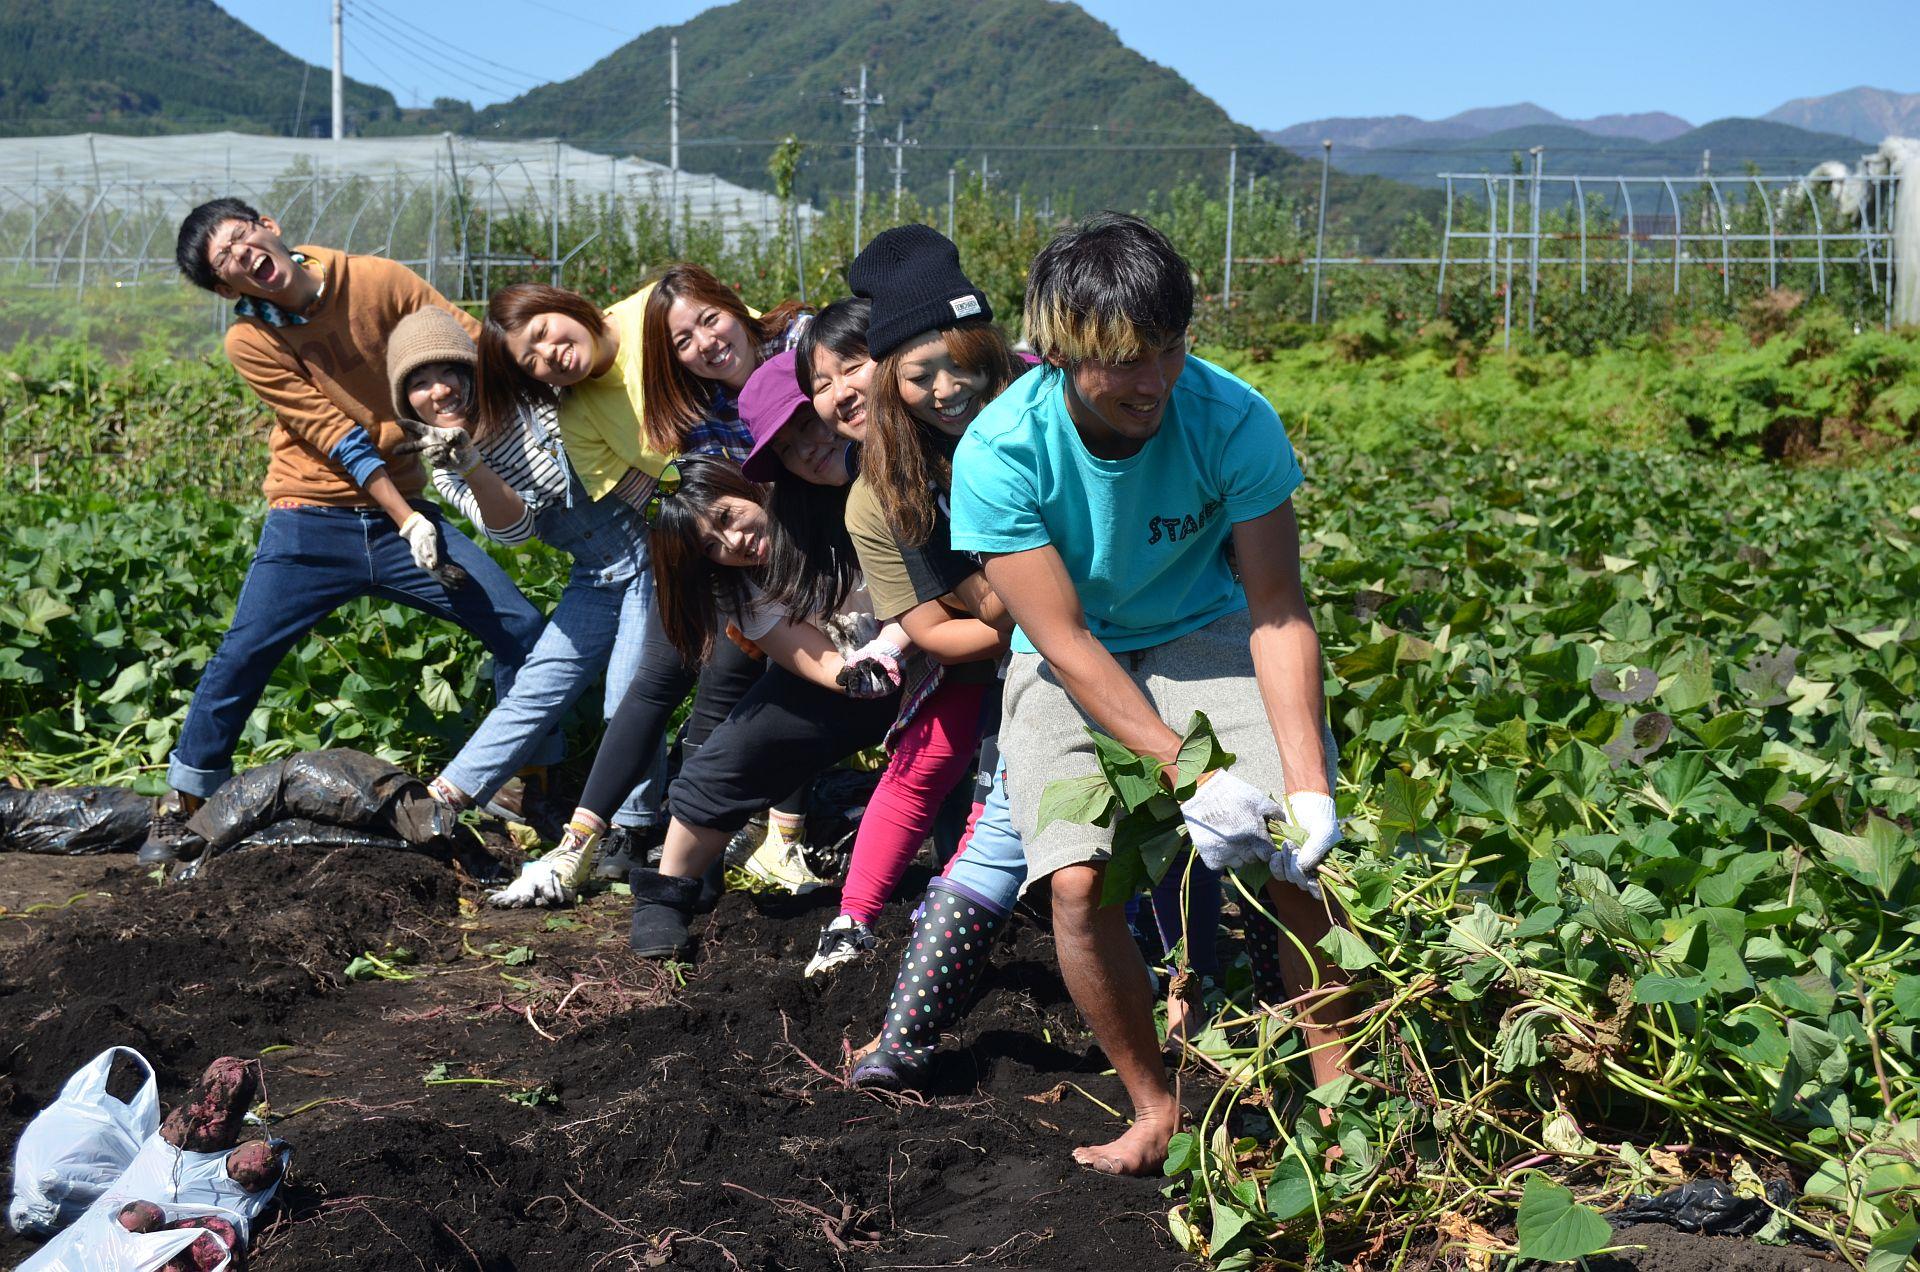 秋のイモ掘りカッパCLUBキャンプツアー10月11、12日(土、日)